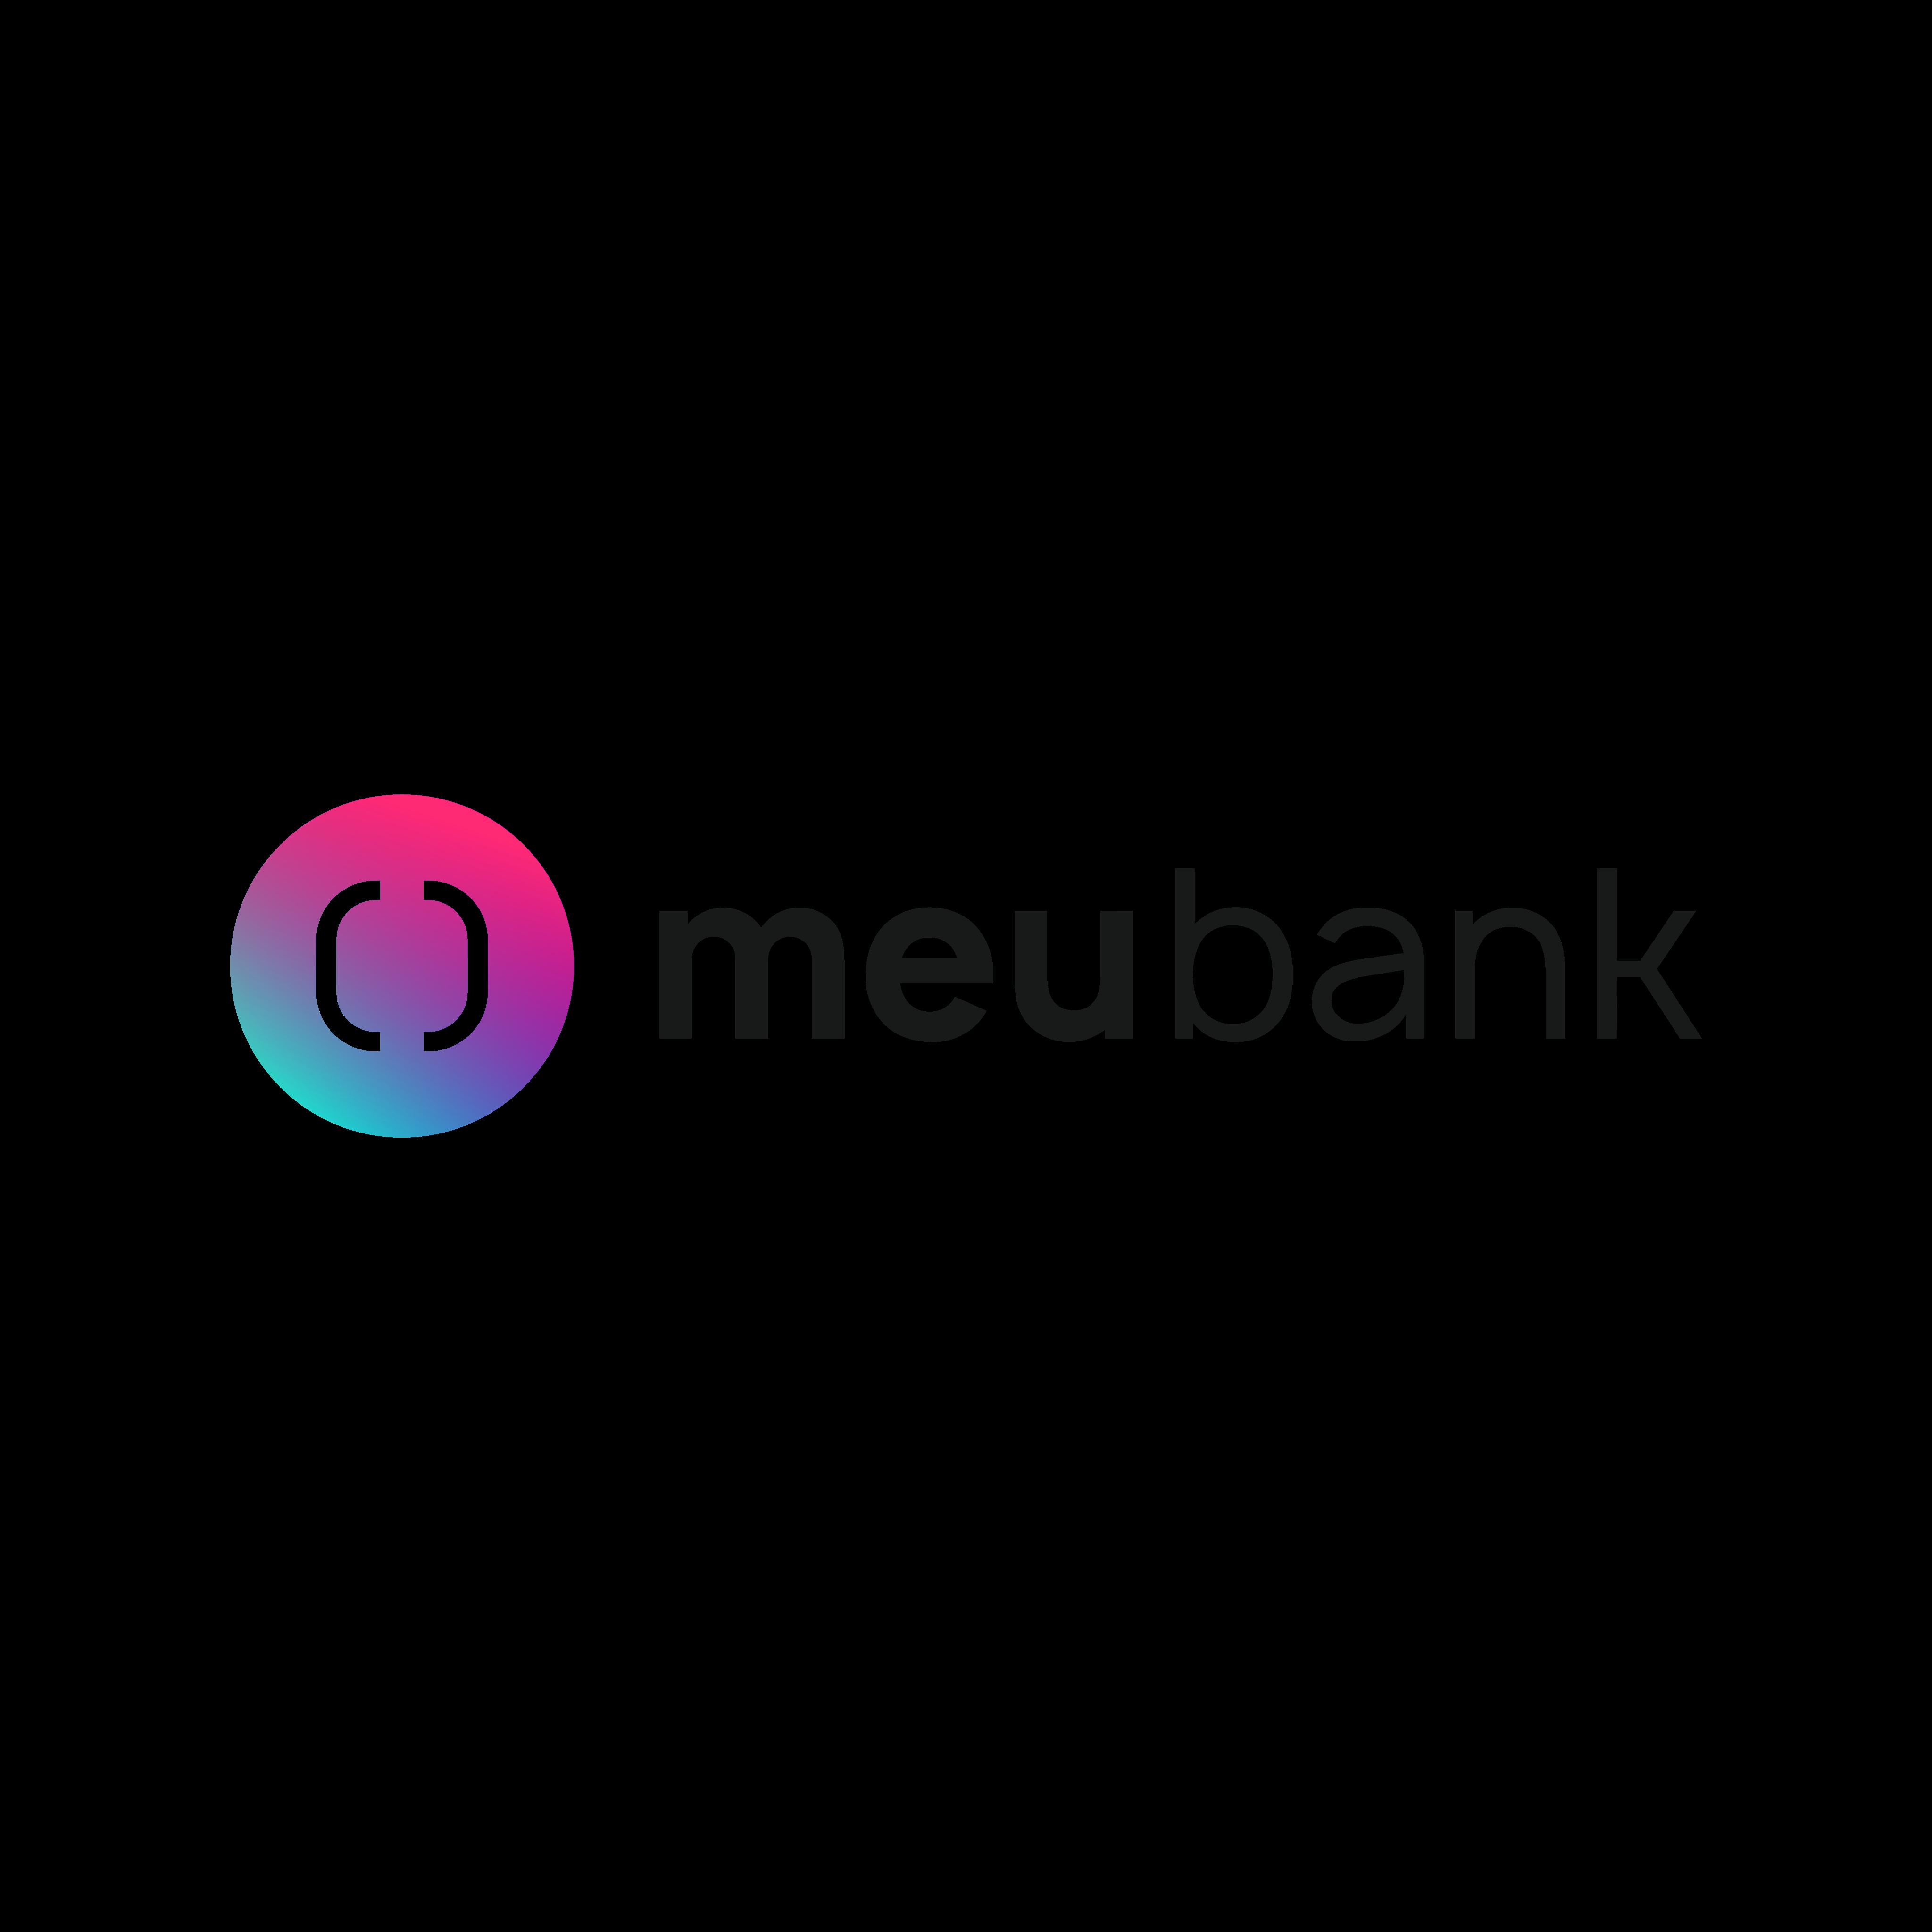 meubank logo 0 - Meubank Logo